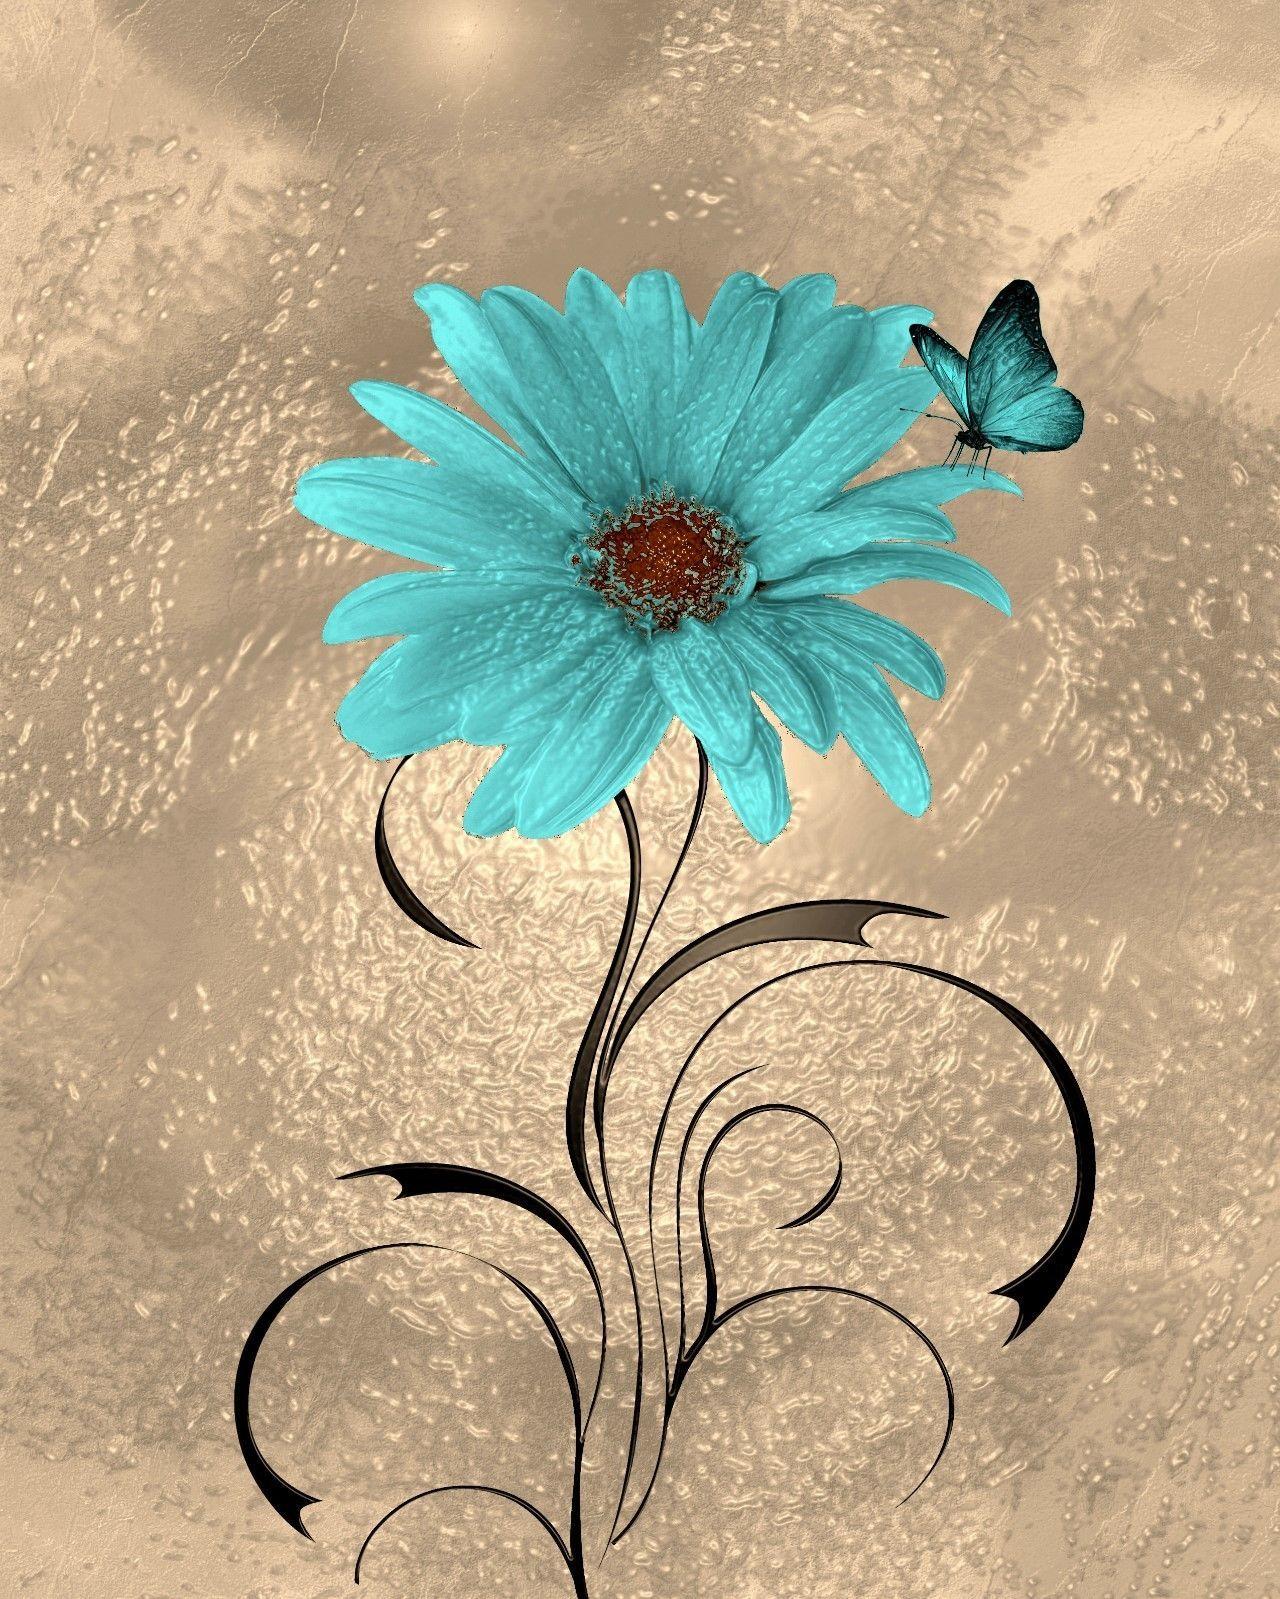 Teal Brown Wall Art Modern Floral Butterfly Artwork Home Decor Matted Picture Status Cuadros Pintados Con Acrilico Flores Pintadas Imagen Fondo De Pantalla